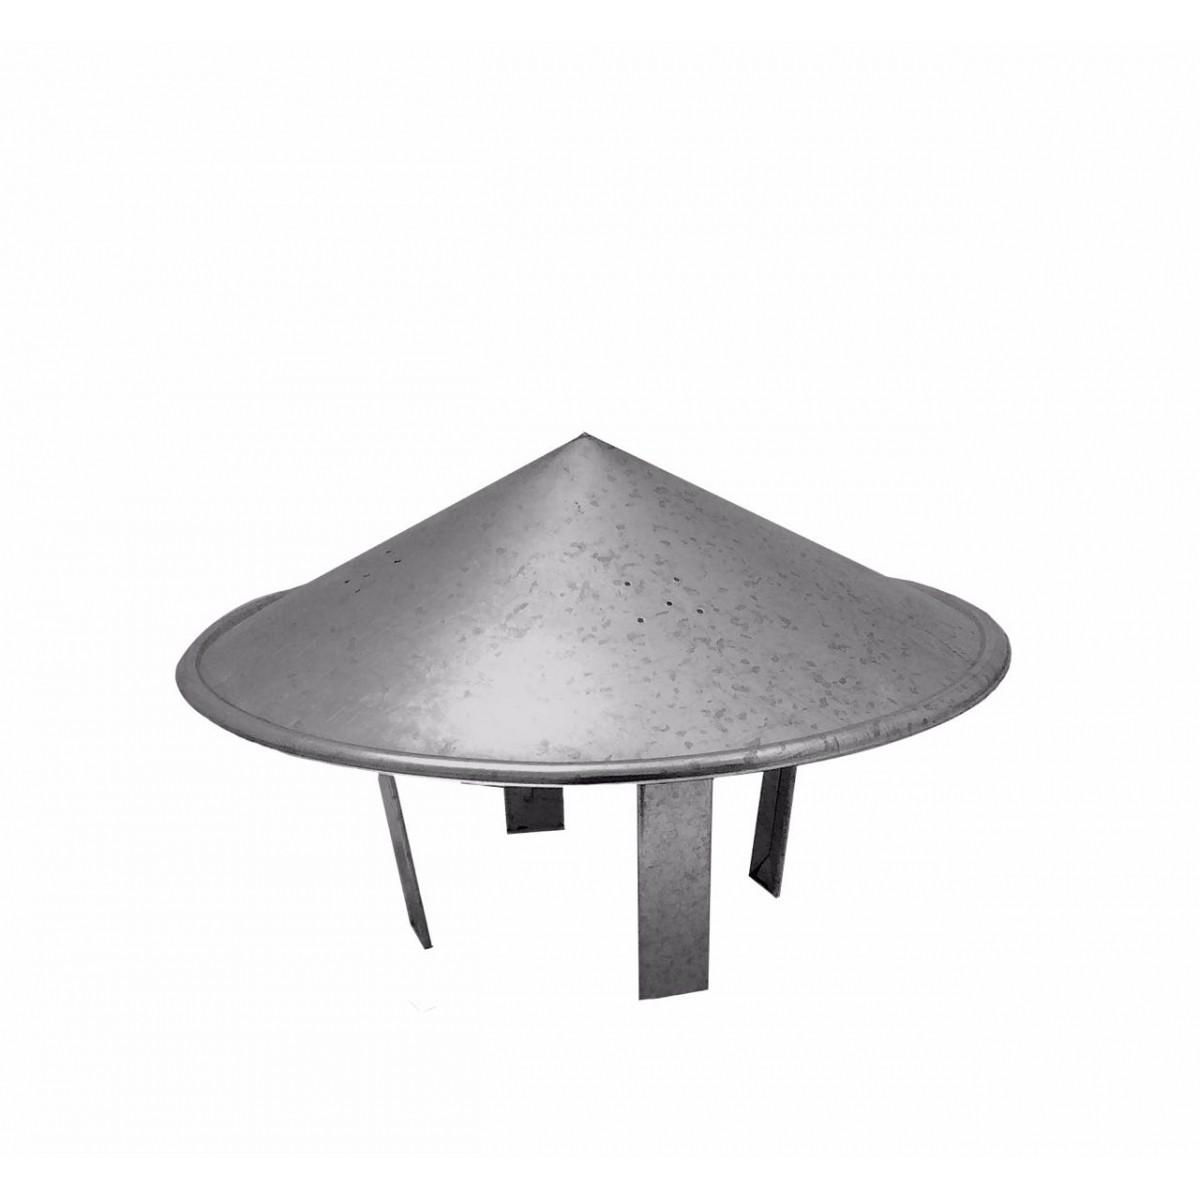 Chapéu chinês galvanizado para dutos de 115 mm de diâmetro para topo de chaminé  - Galvocalhas